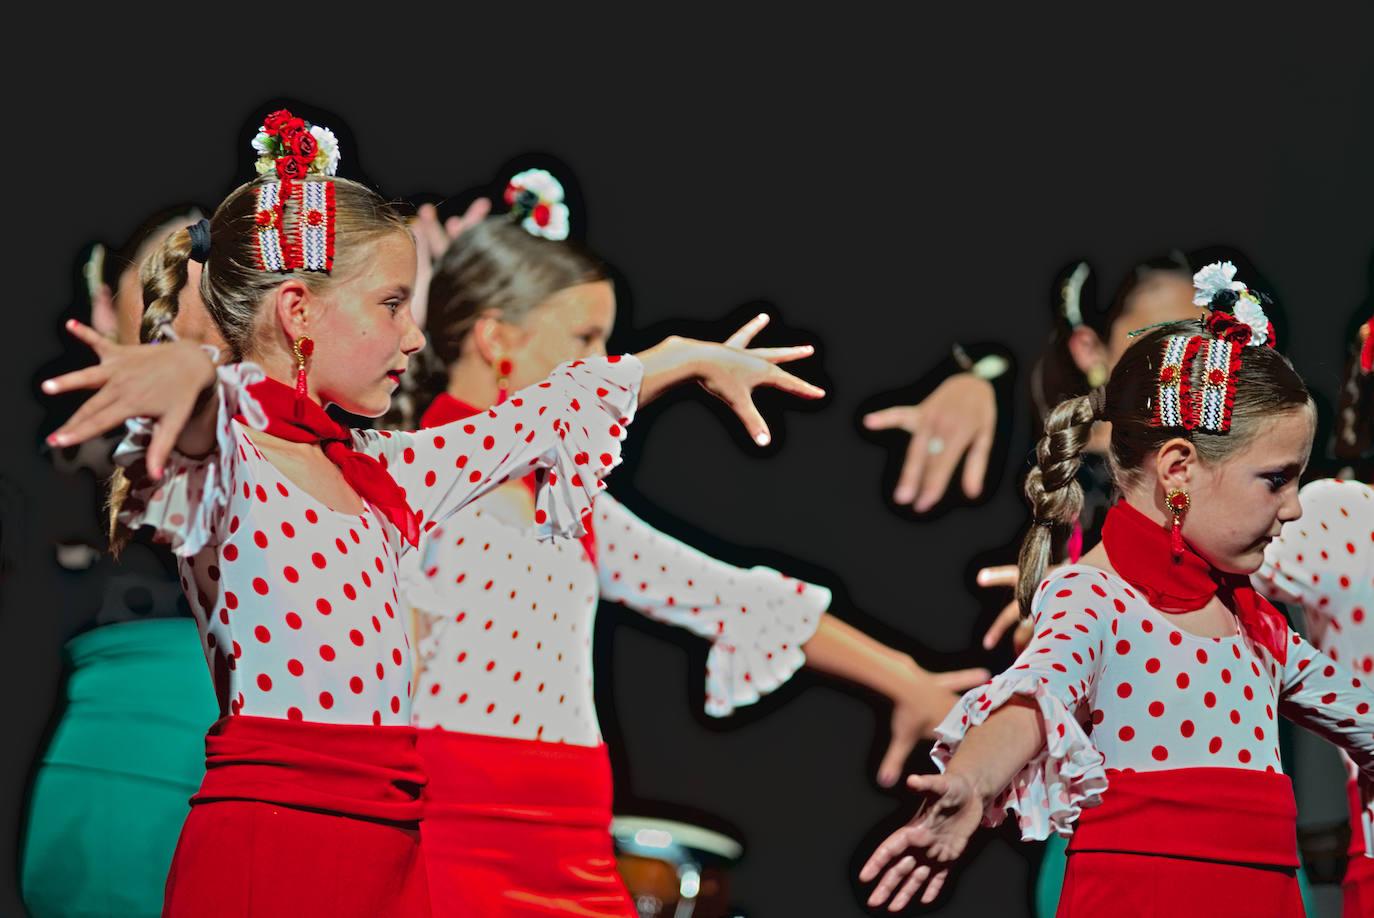 Los alumnos de la escuela de música y danza exhiben lo aprendido